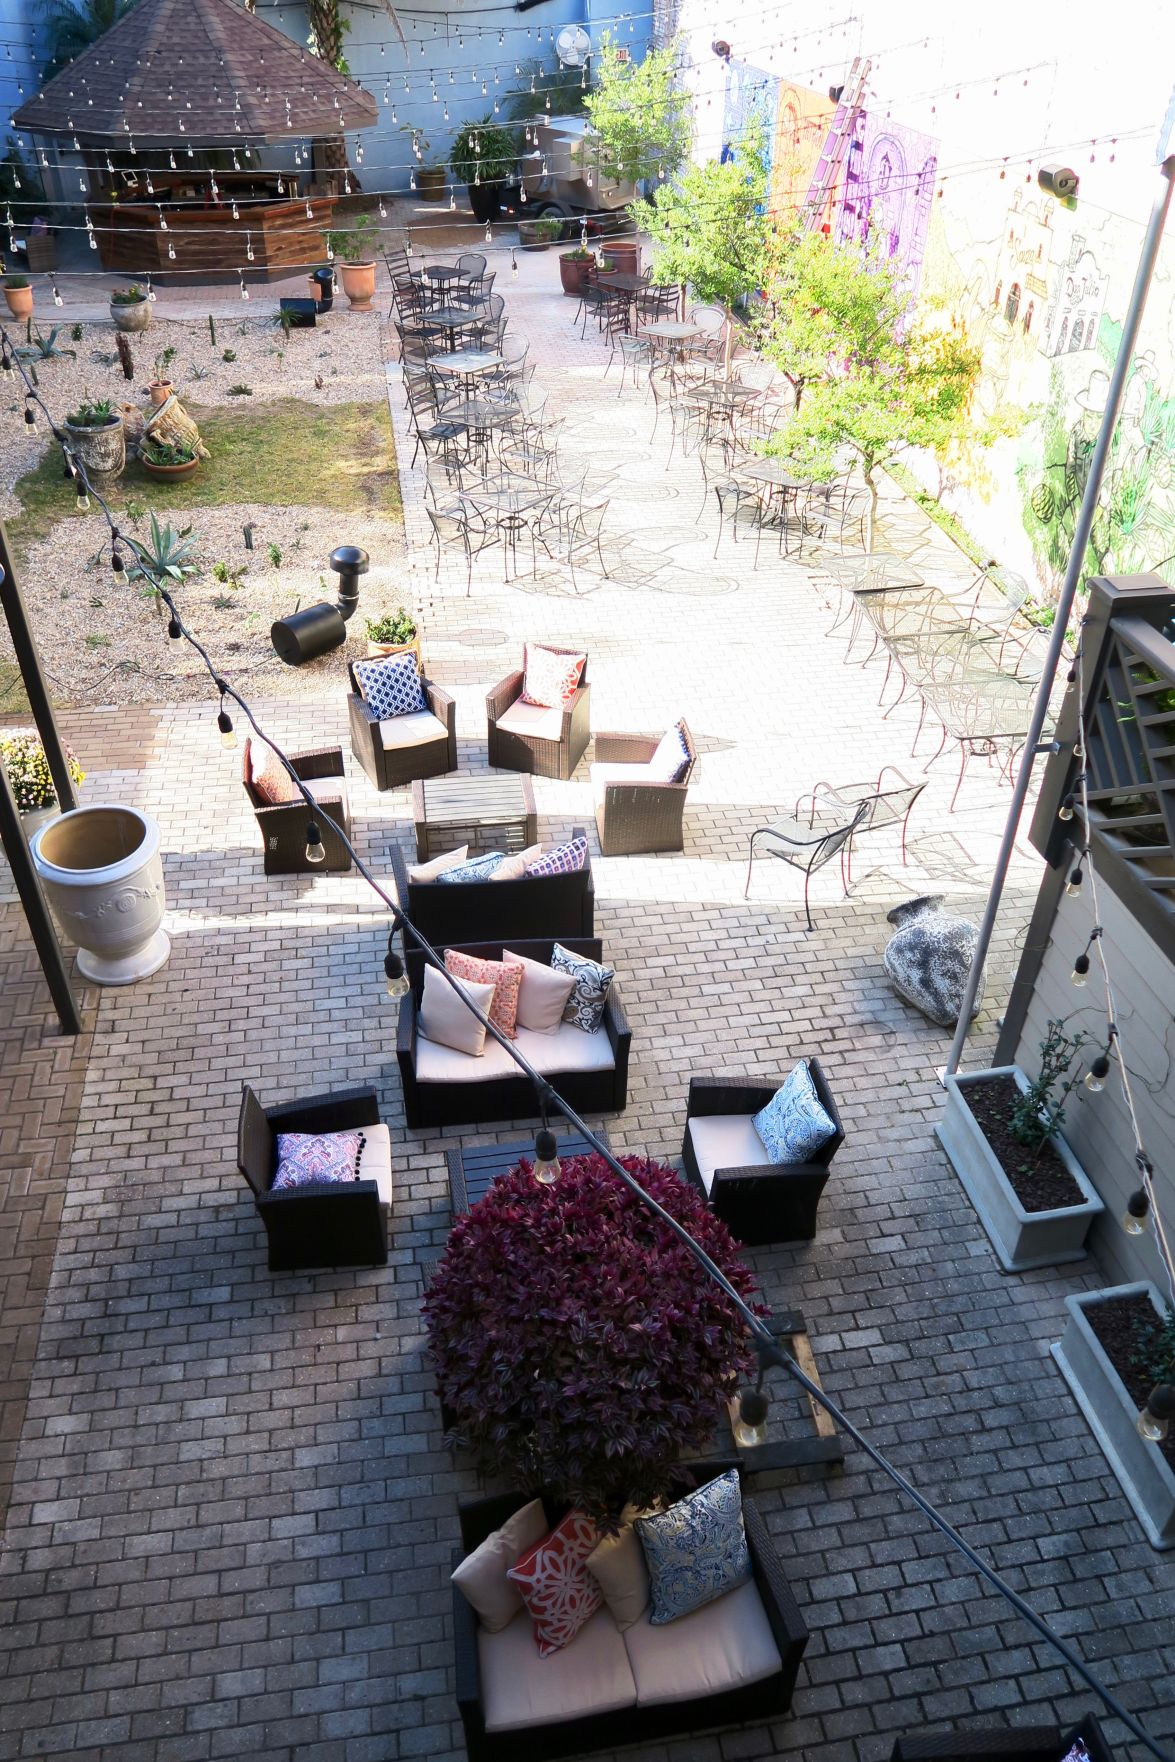 44 luxury el patio mexican restaurant menu pics patio design central